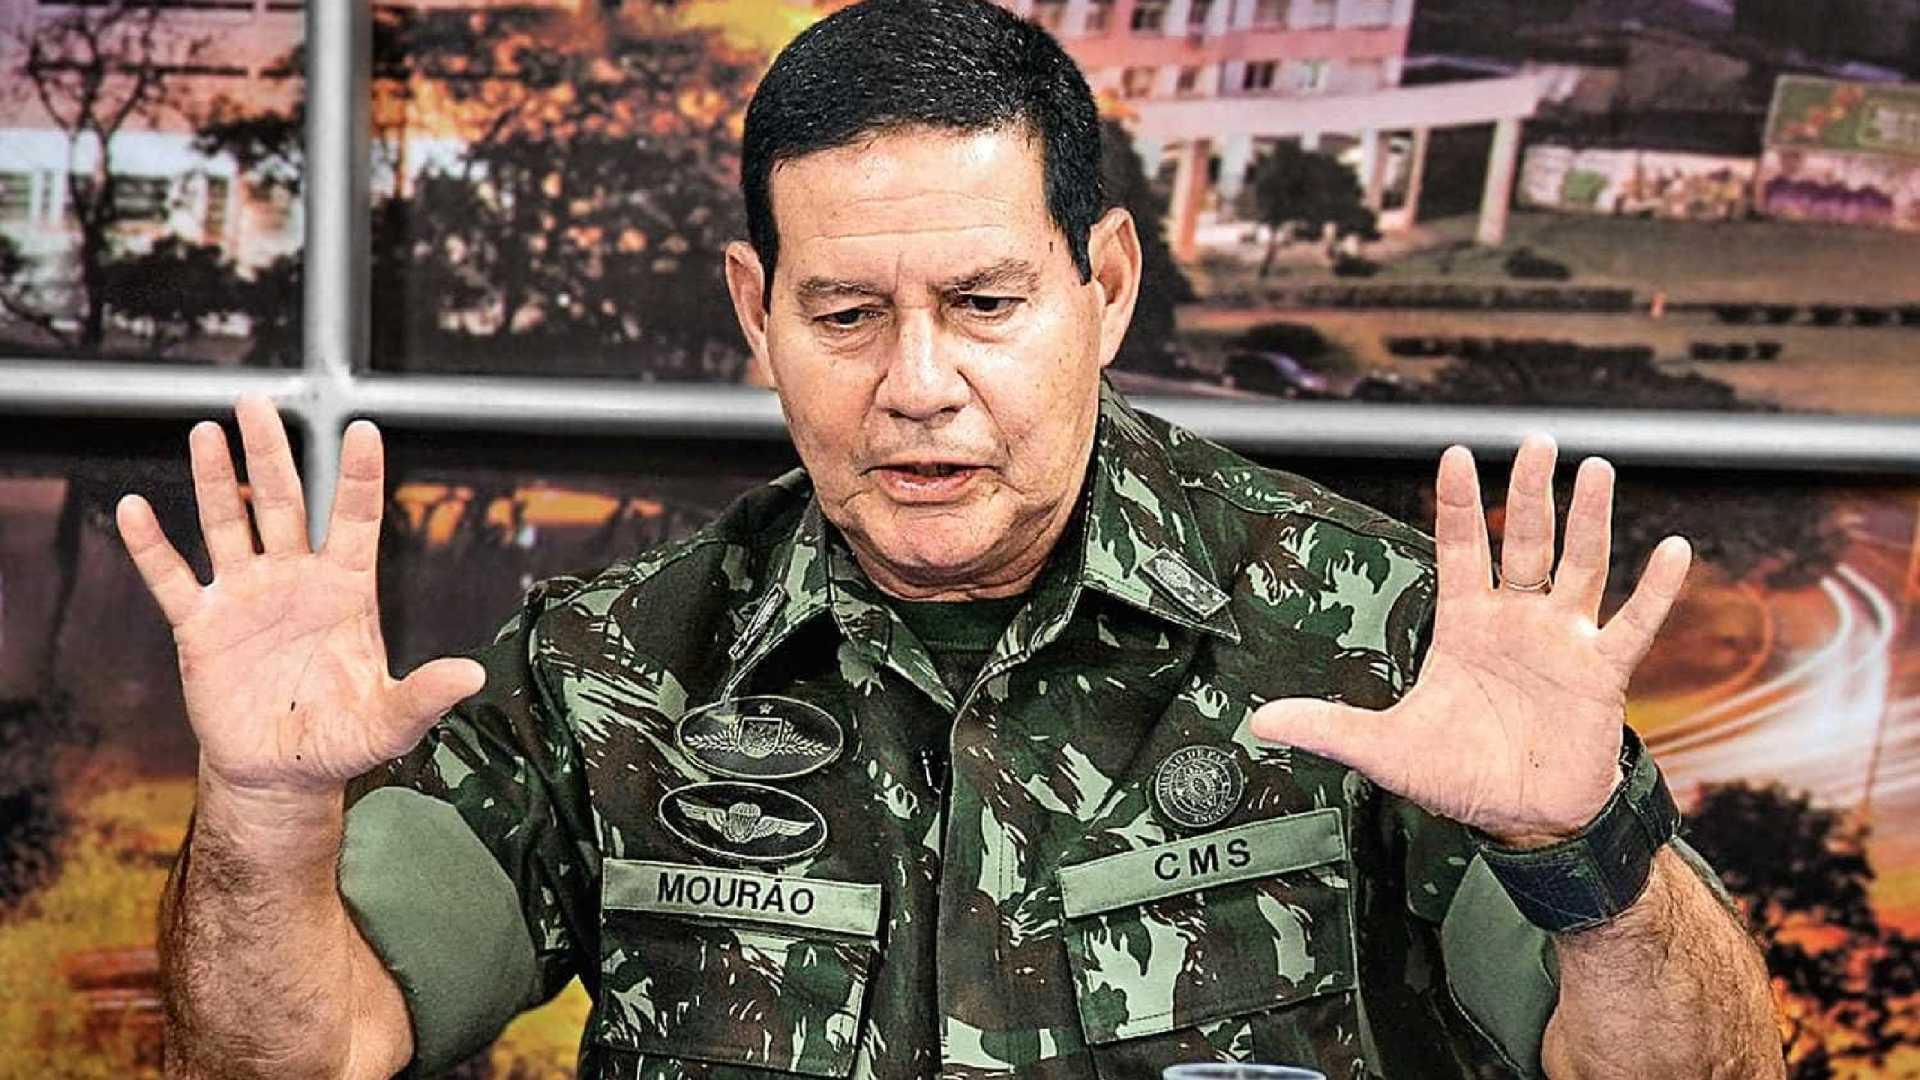 Ataque a Bolsonaro ajudou a conquistar eleitores indecisos, diz Mourão